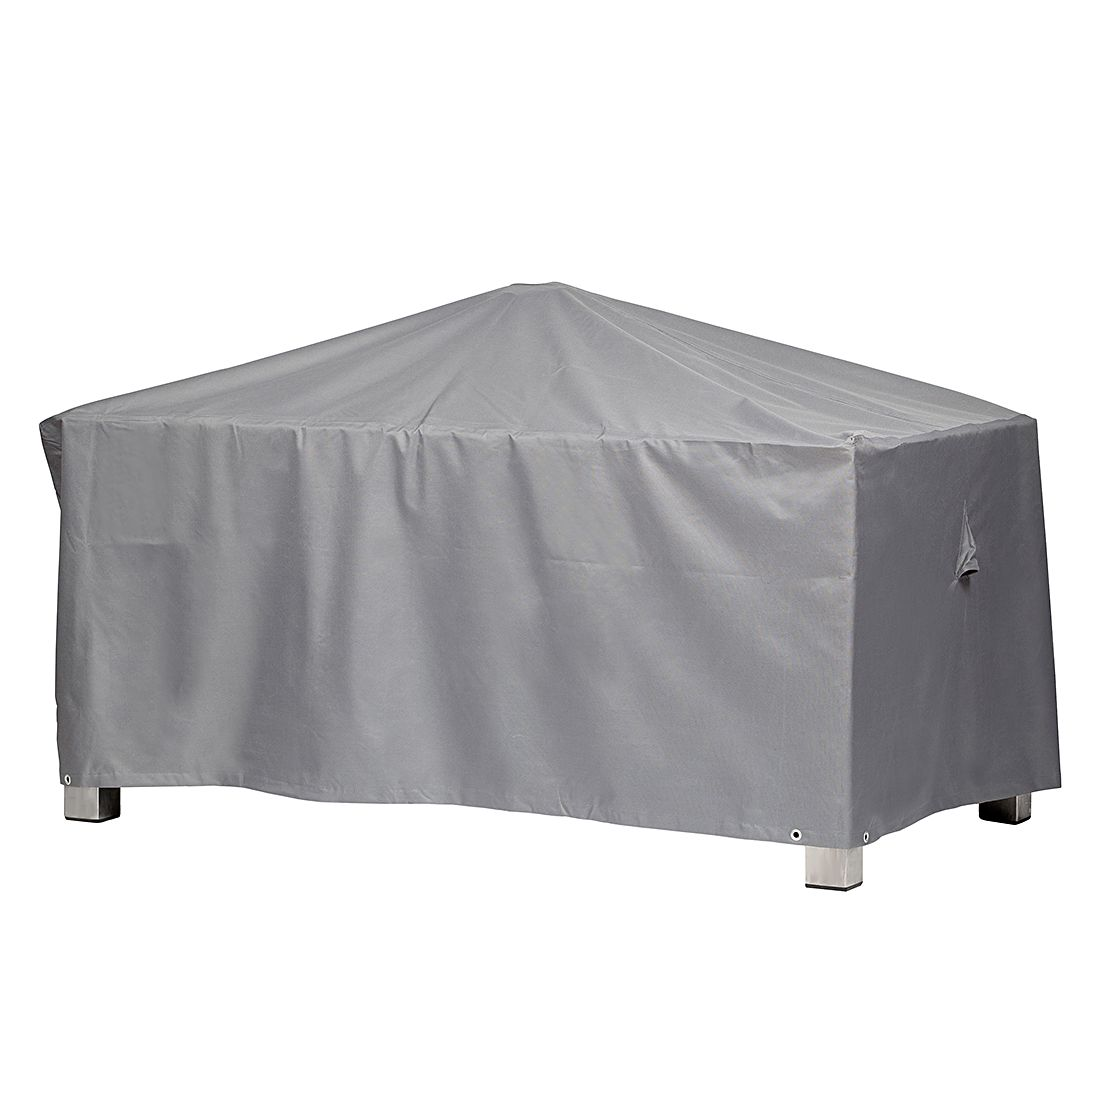 schutzh lle premium f r rechteckigen gartentisch 225 x. Black Bedroom Furniture Sets. Home Design Ideas